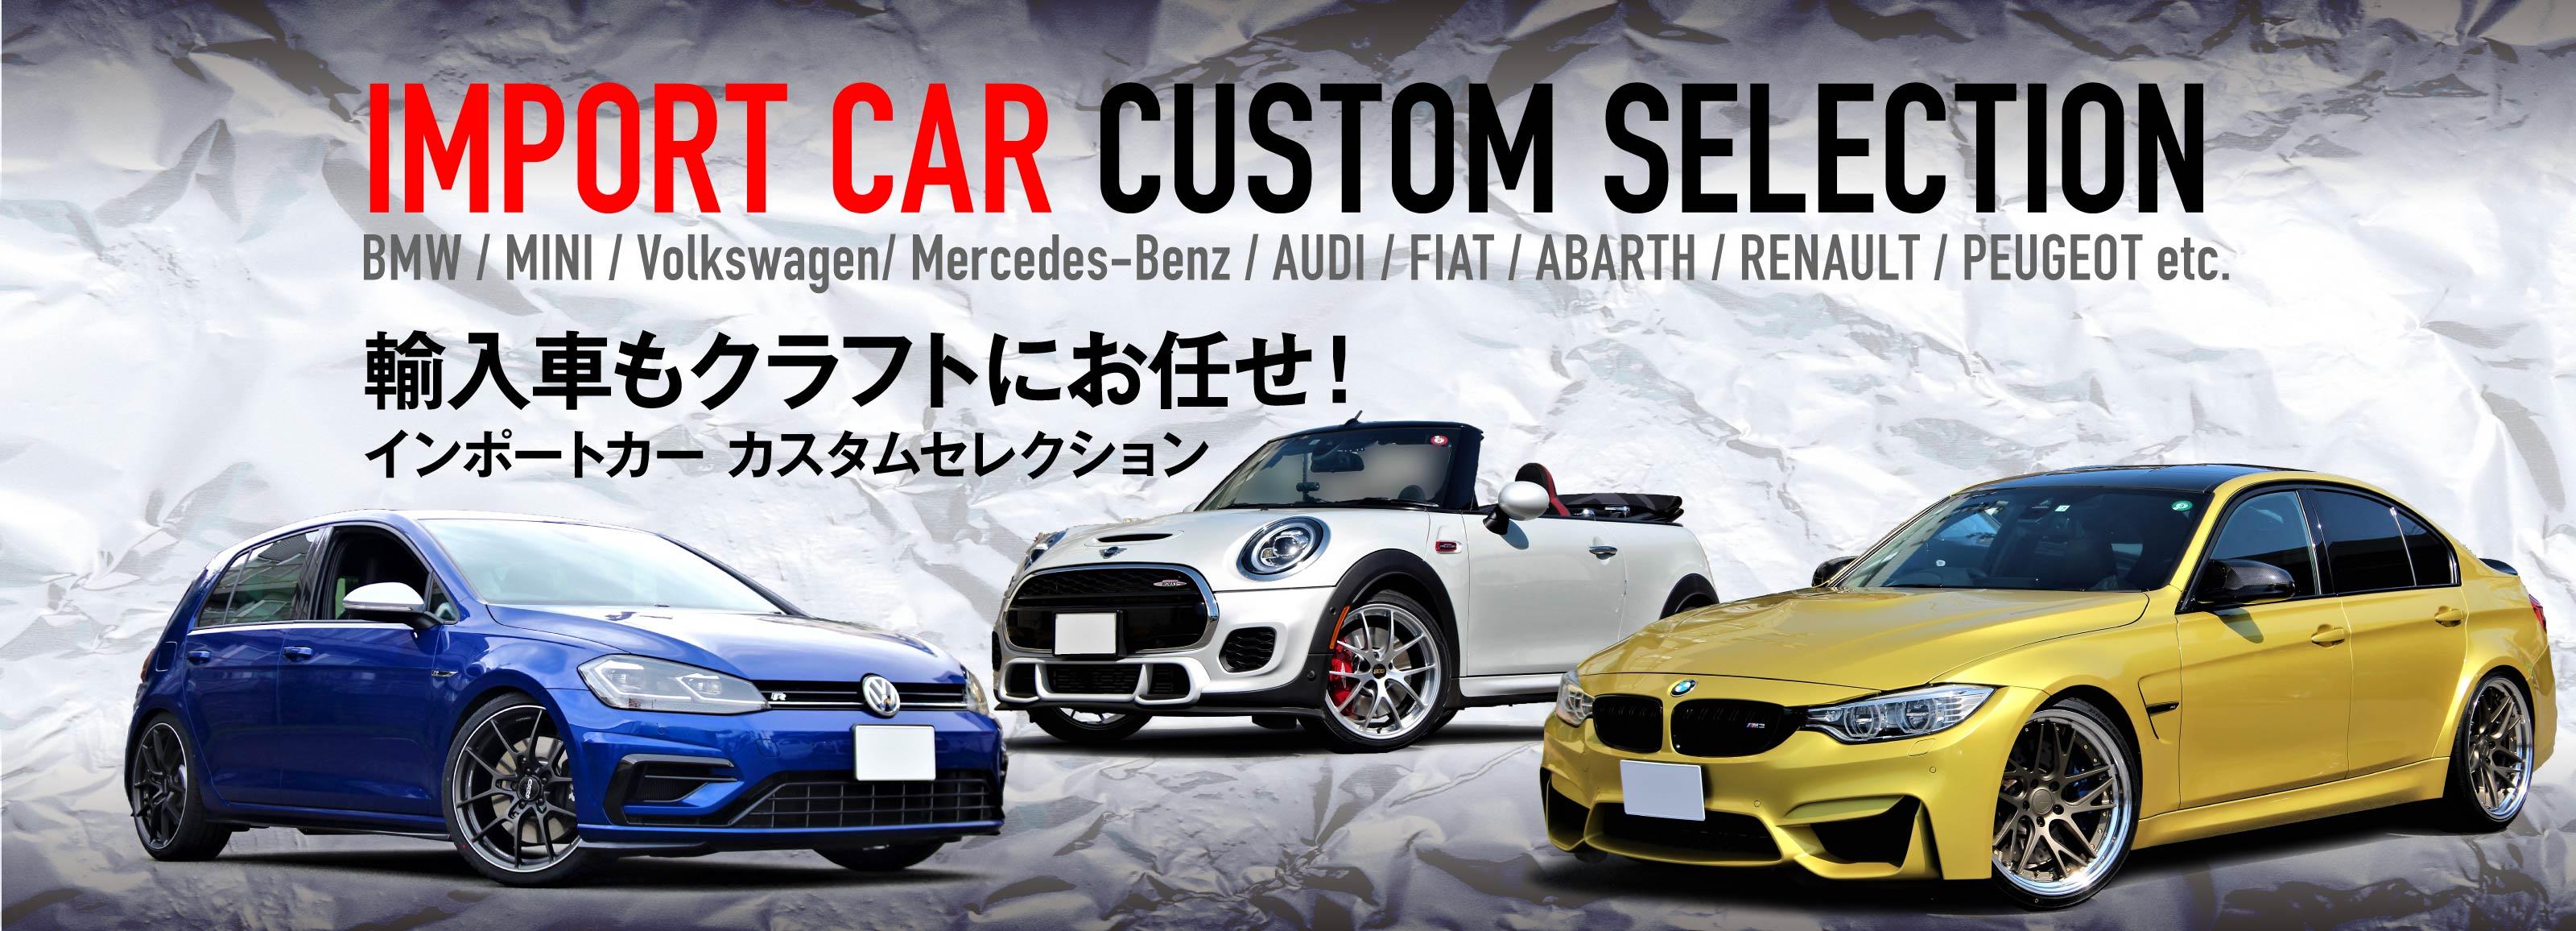 輸入車もクラフトにお任せ! インポートカー・カスタム・セレクション